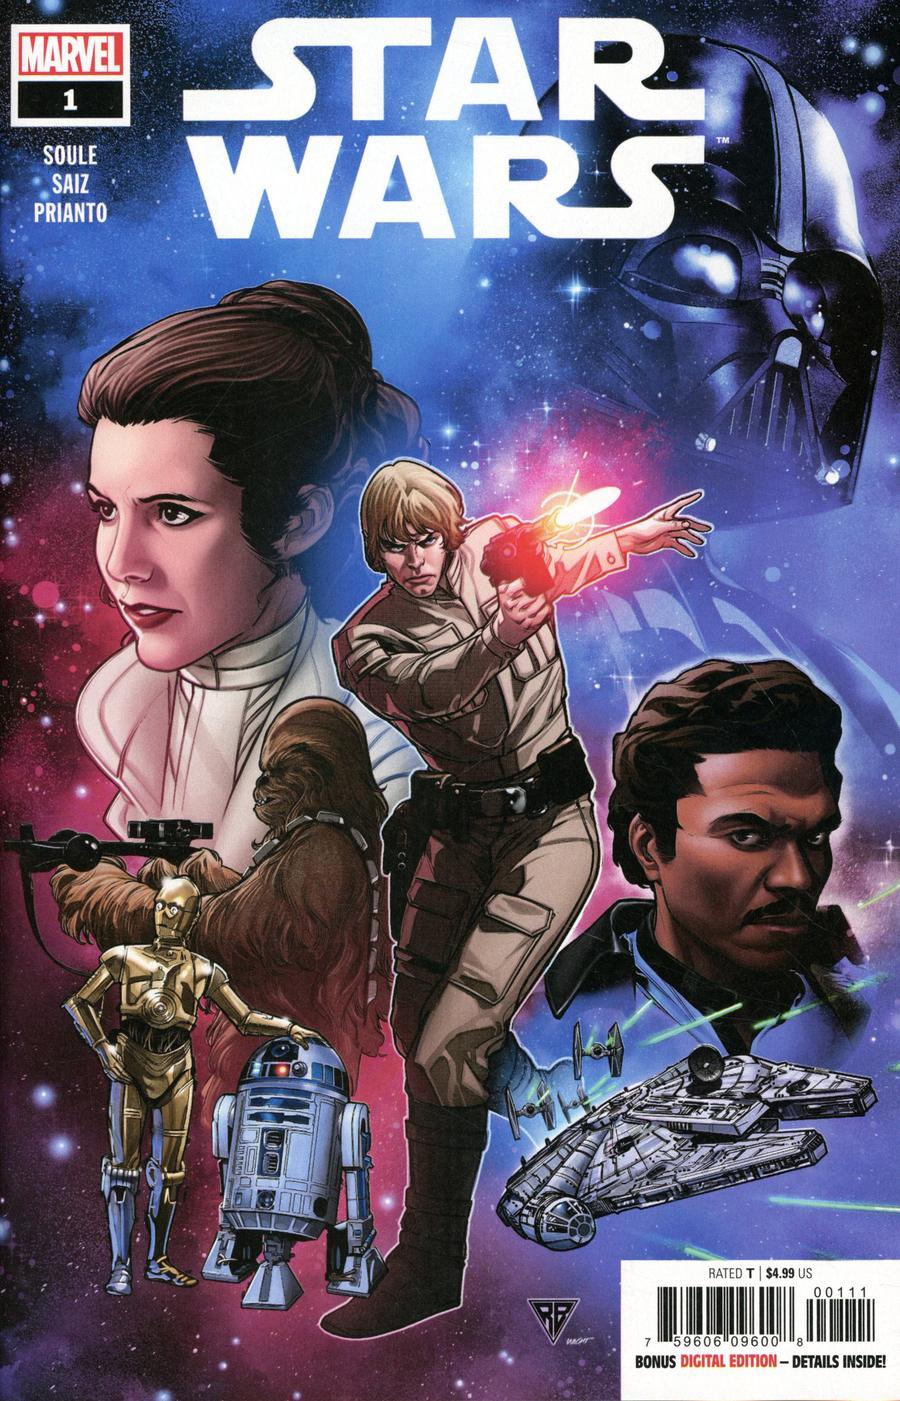 Star Wars Vol 5 #1 Cover A Regular RB Silva Cover